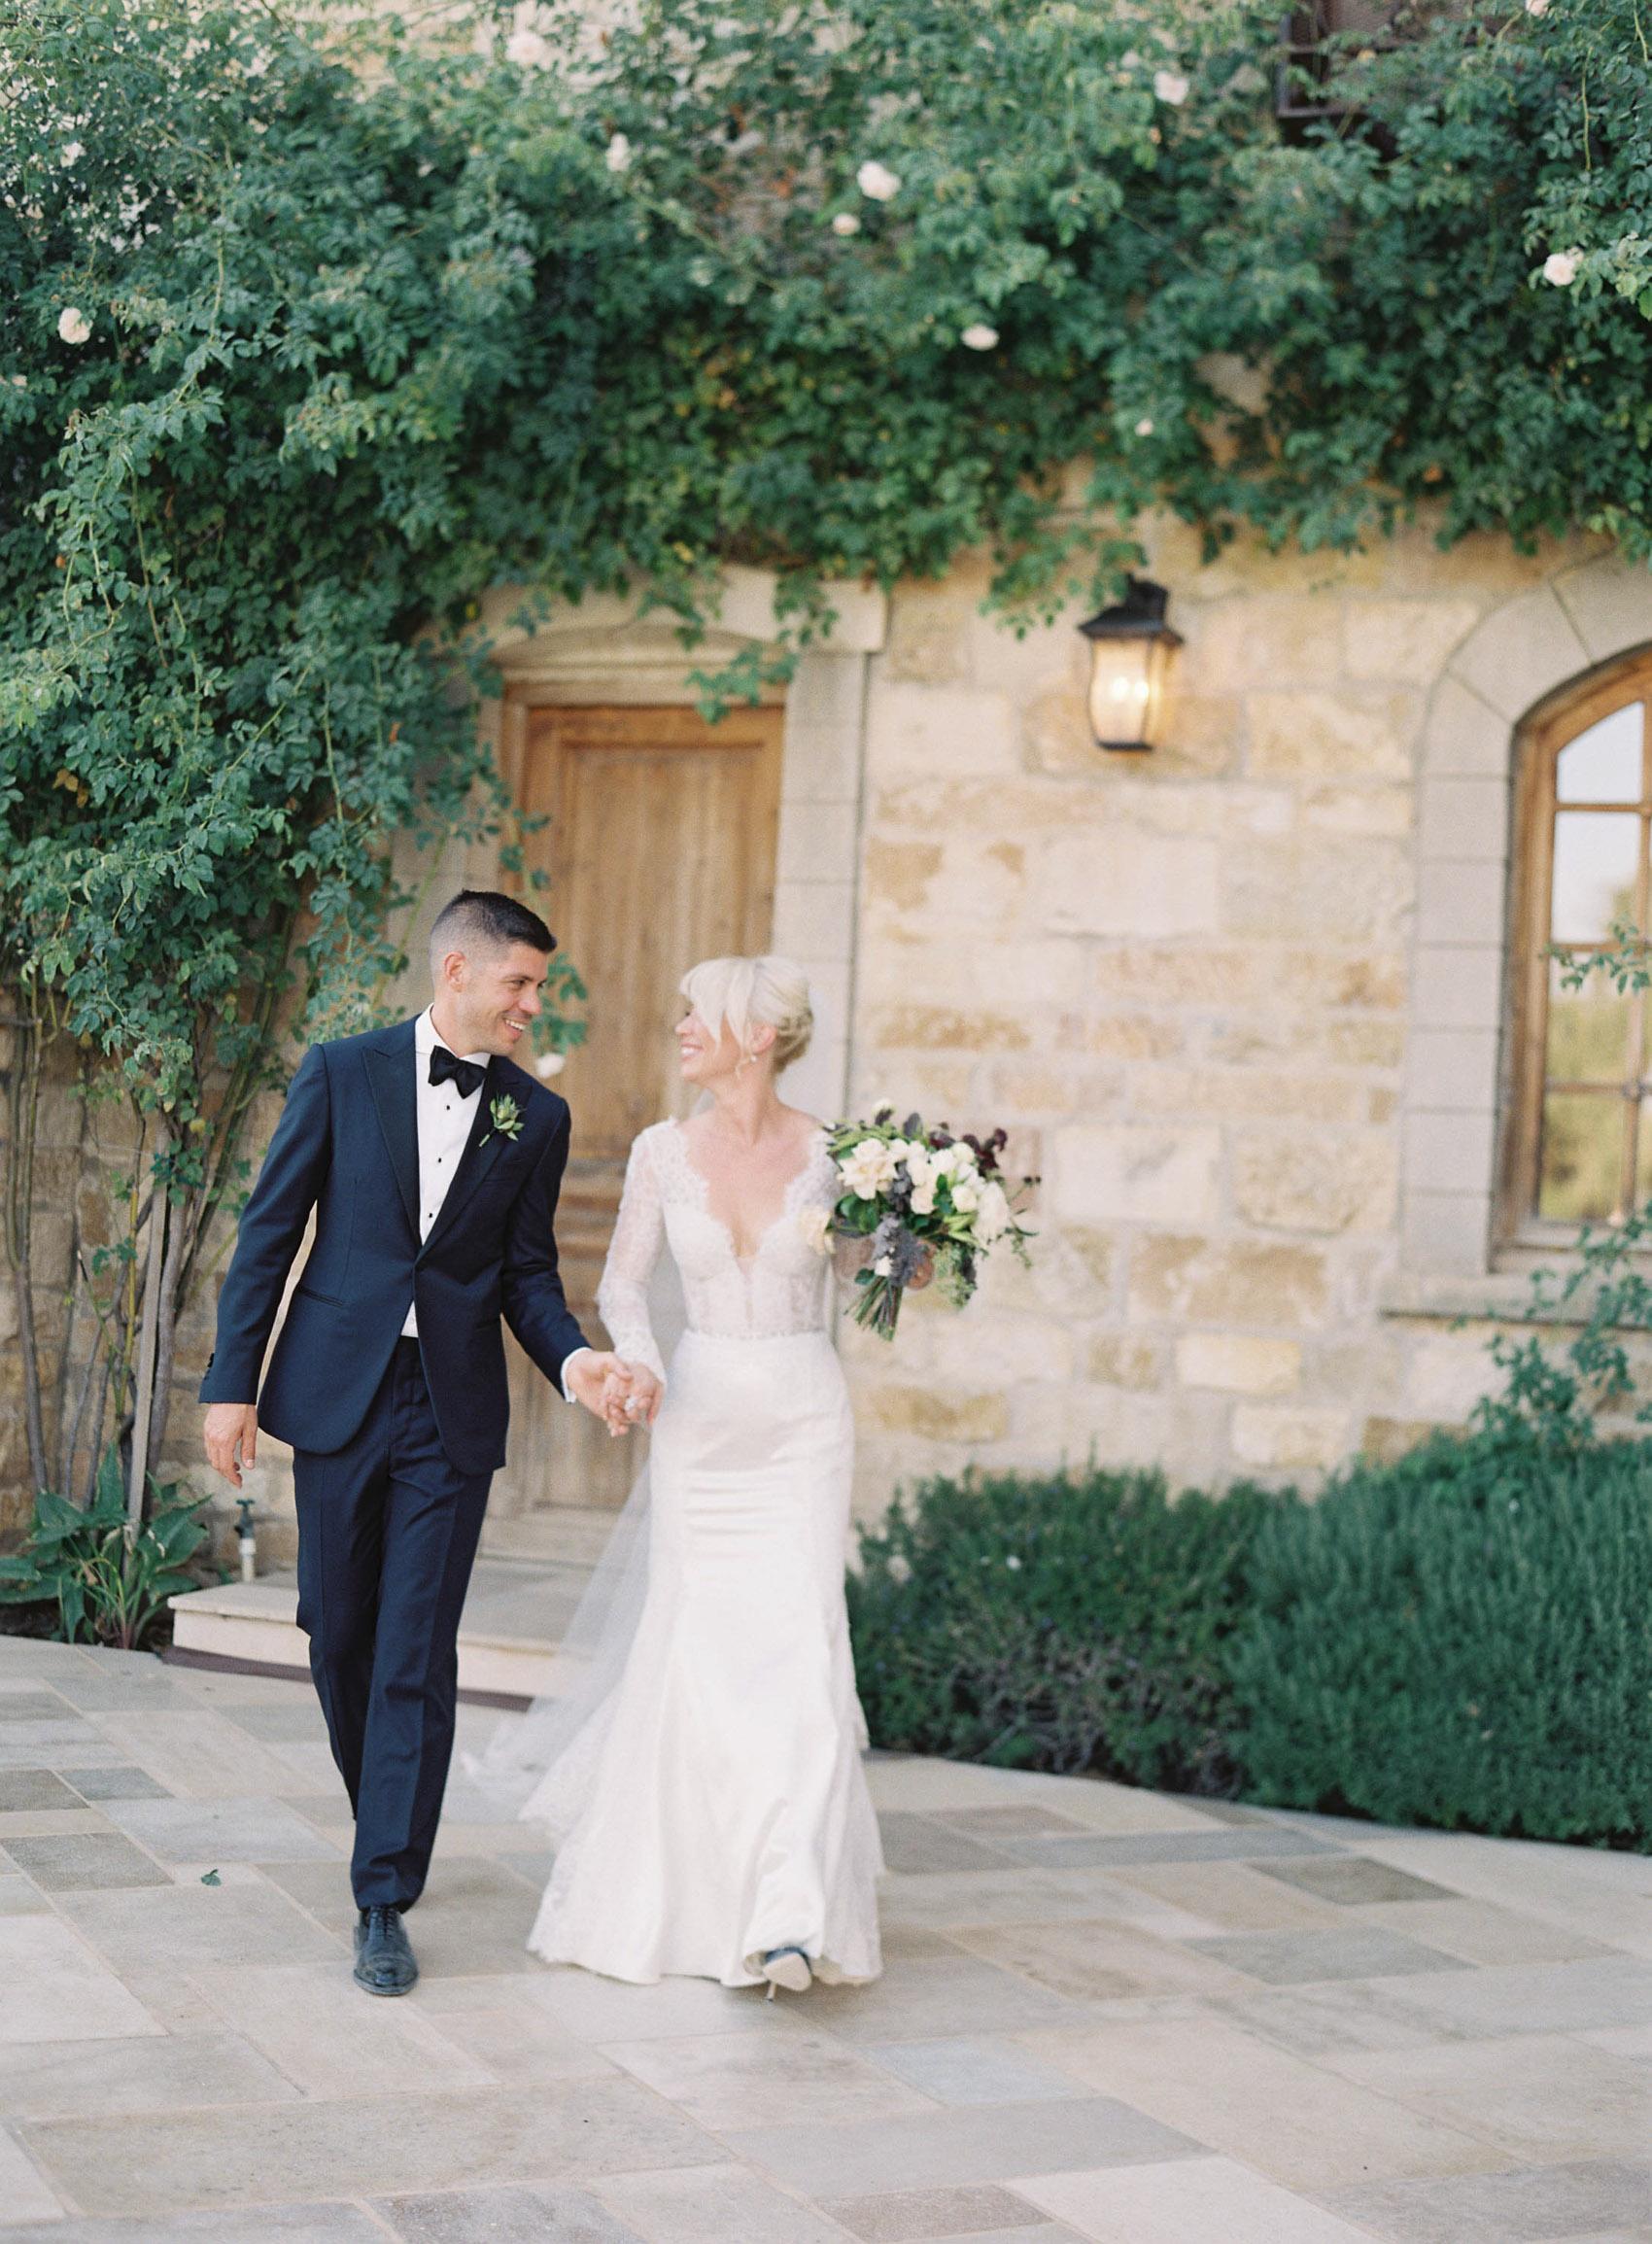 Sunstone_Villa_Wedding-62-Jen-Huang-JTEd-104-Jen_Huang-002836-R1-016.jpg